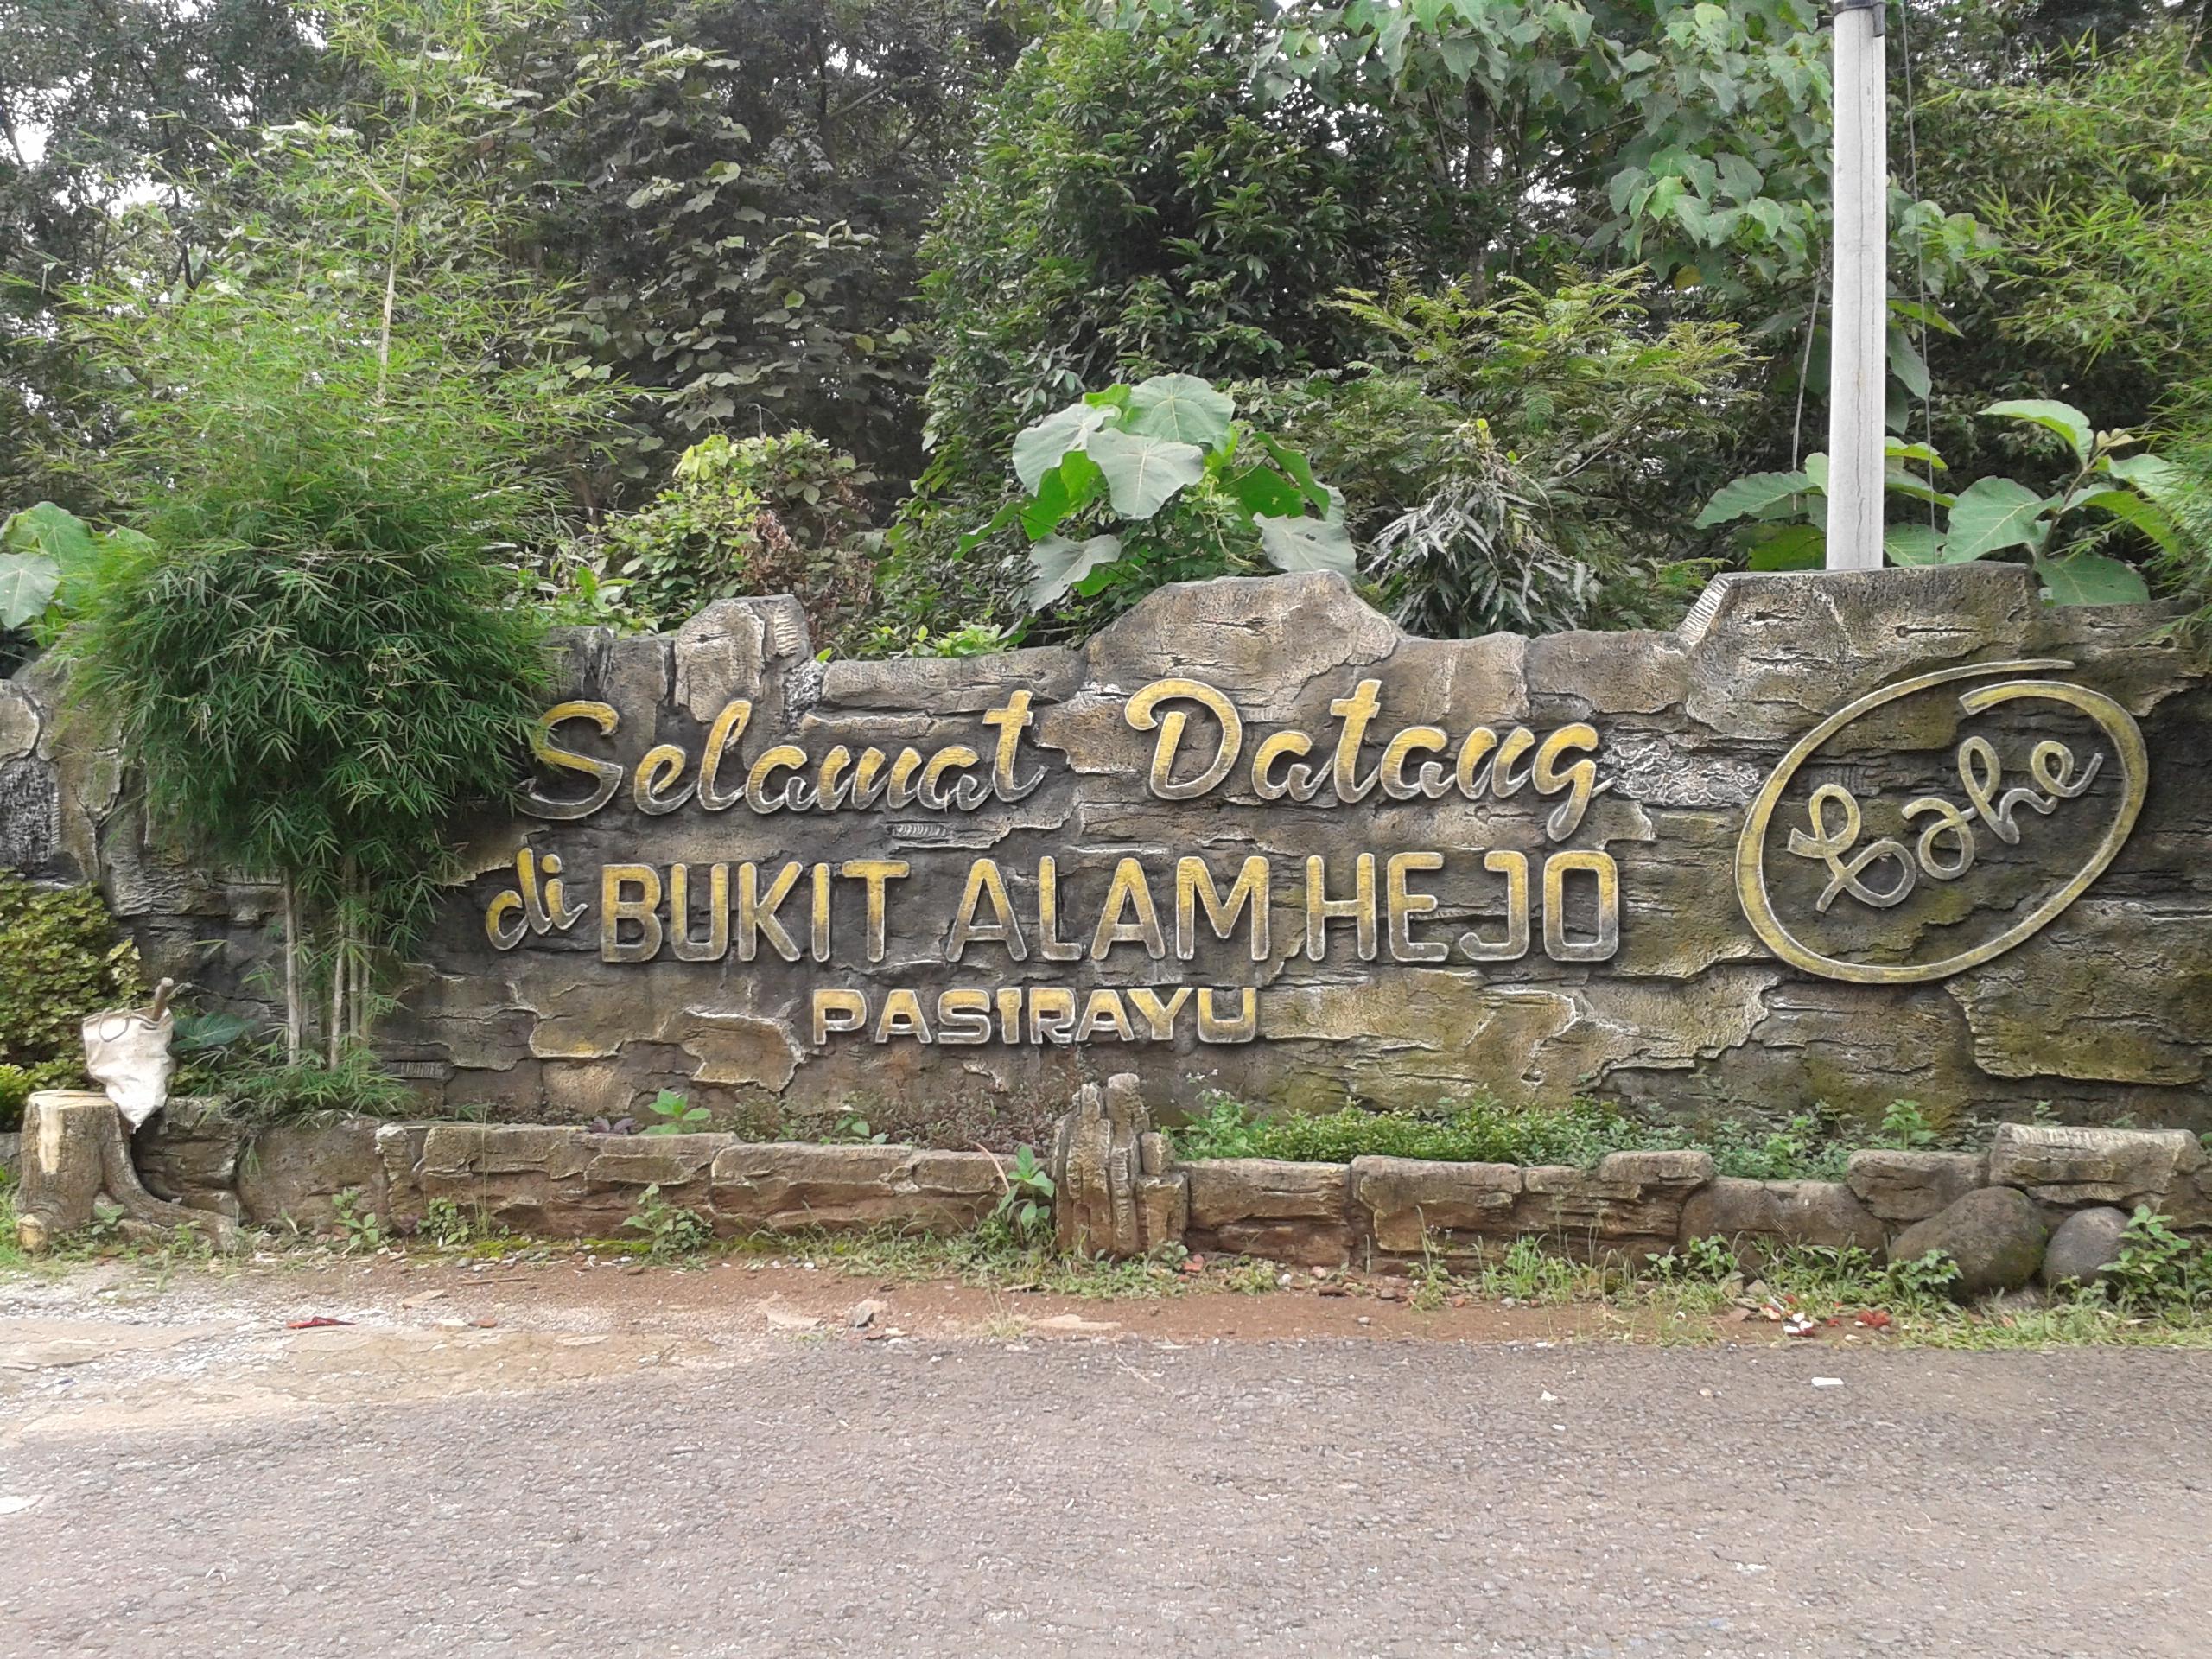 Menikmati Berbagai Wahana Di Bukit Alam Hejo Infomjlk